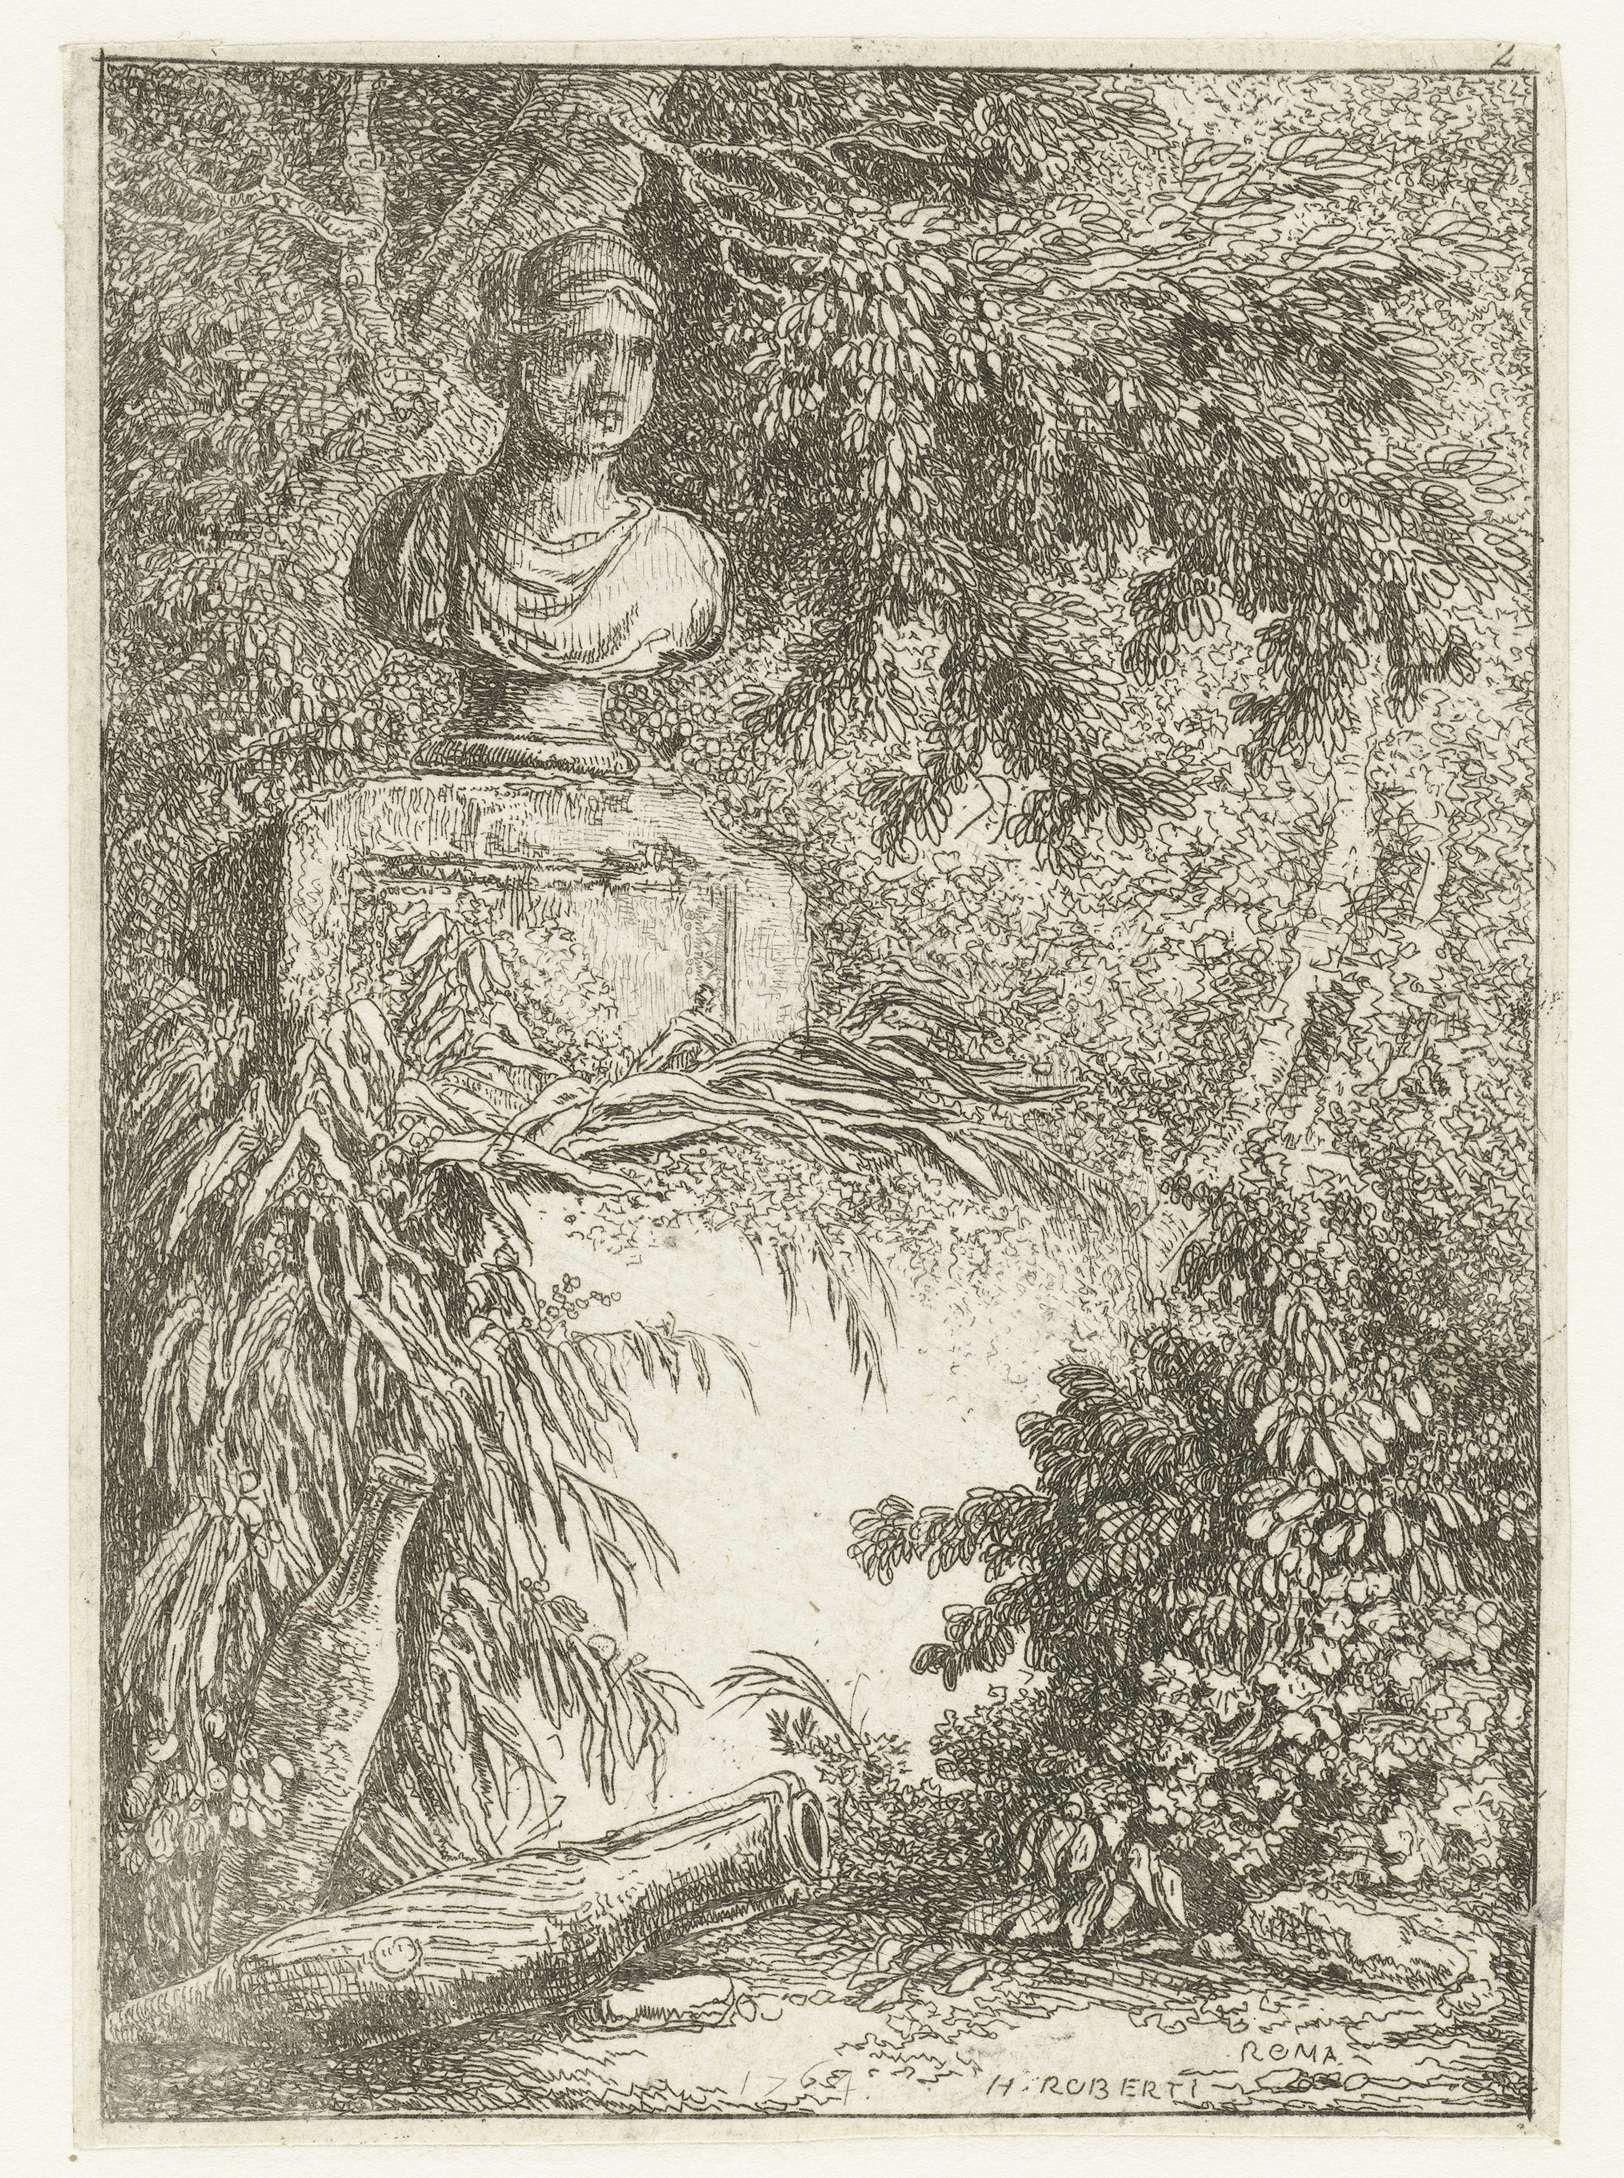 Hubert Robert | Buste, Hubert Robert, 1764 | Een klassiek borstbeeld, staand op een met planten overgroeide sokkel. Aan de voet twee amfora's. Tweede prent uit en serie van tien.